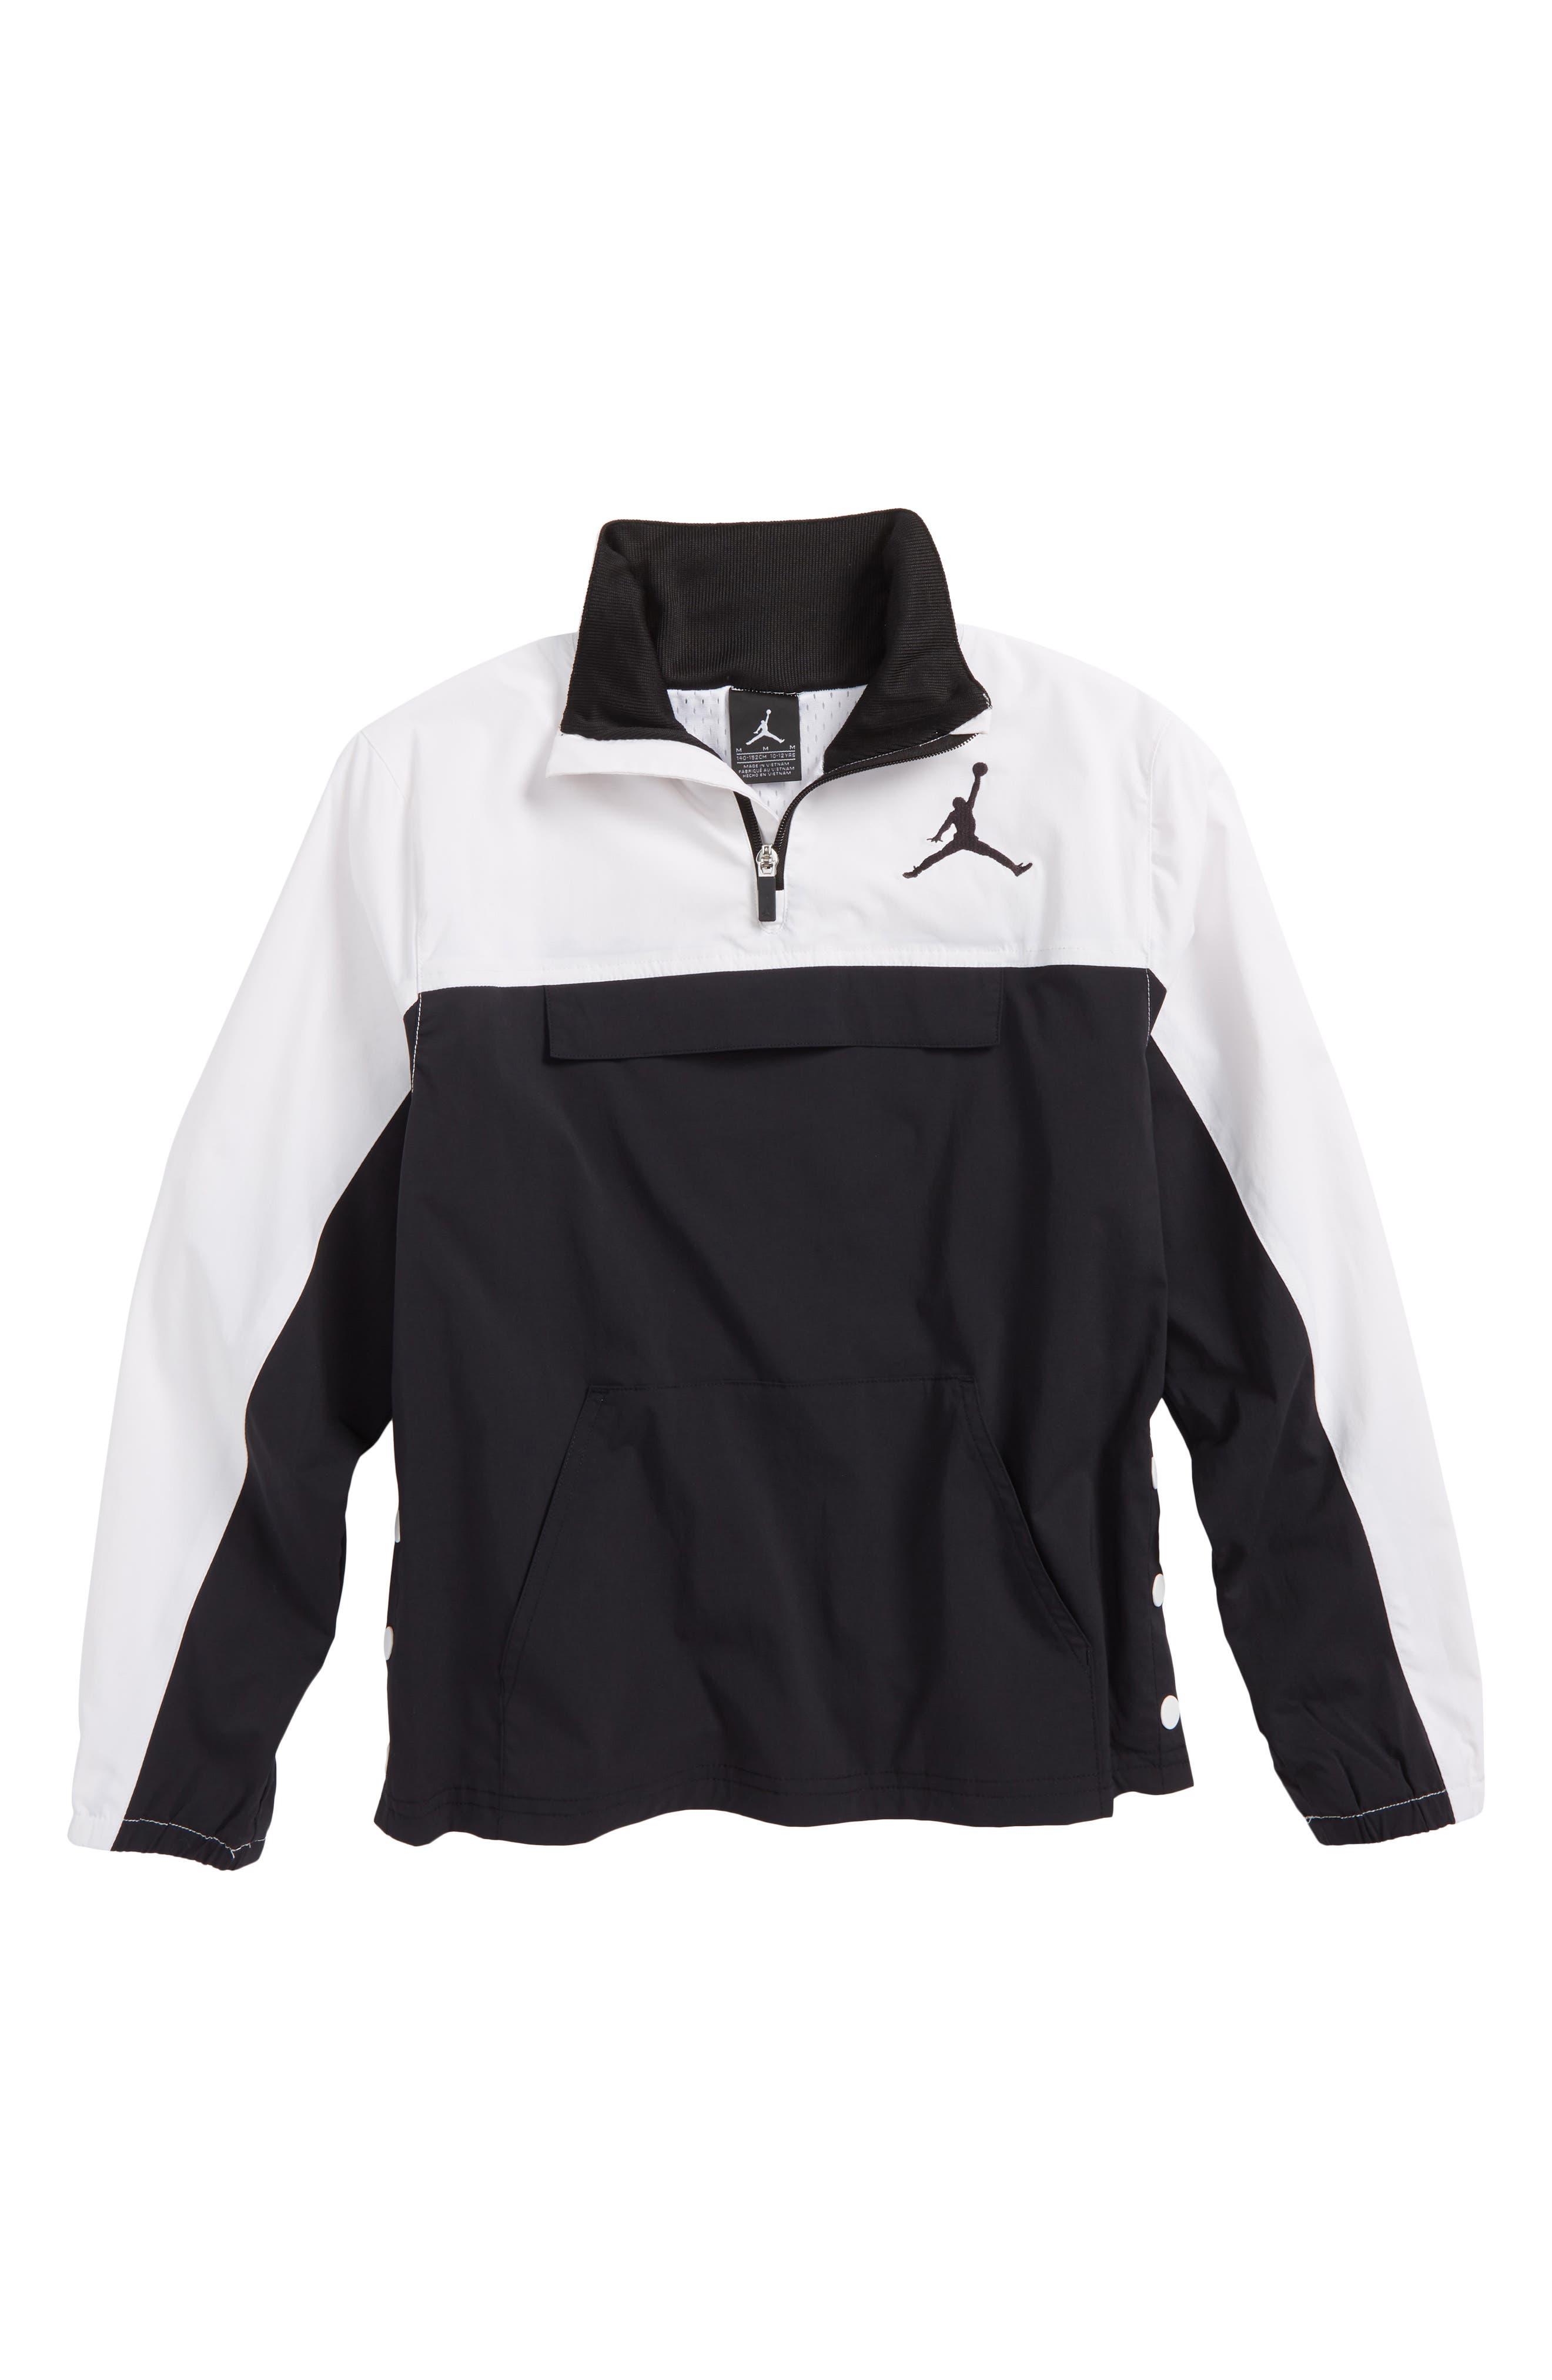 Jordan AJ '90s Popover Quarter Zip Pullover,                         Main,                         color, 001